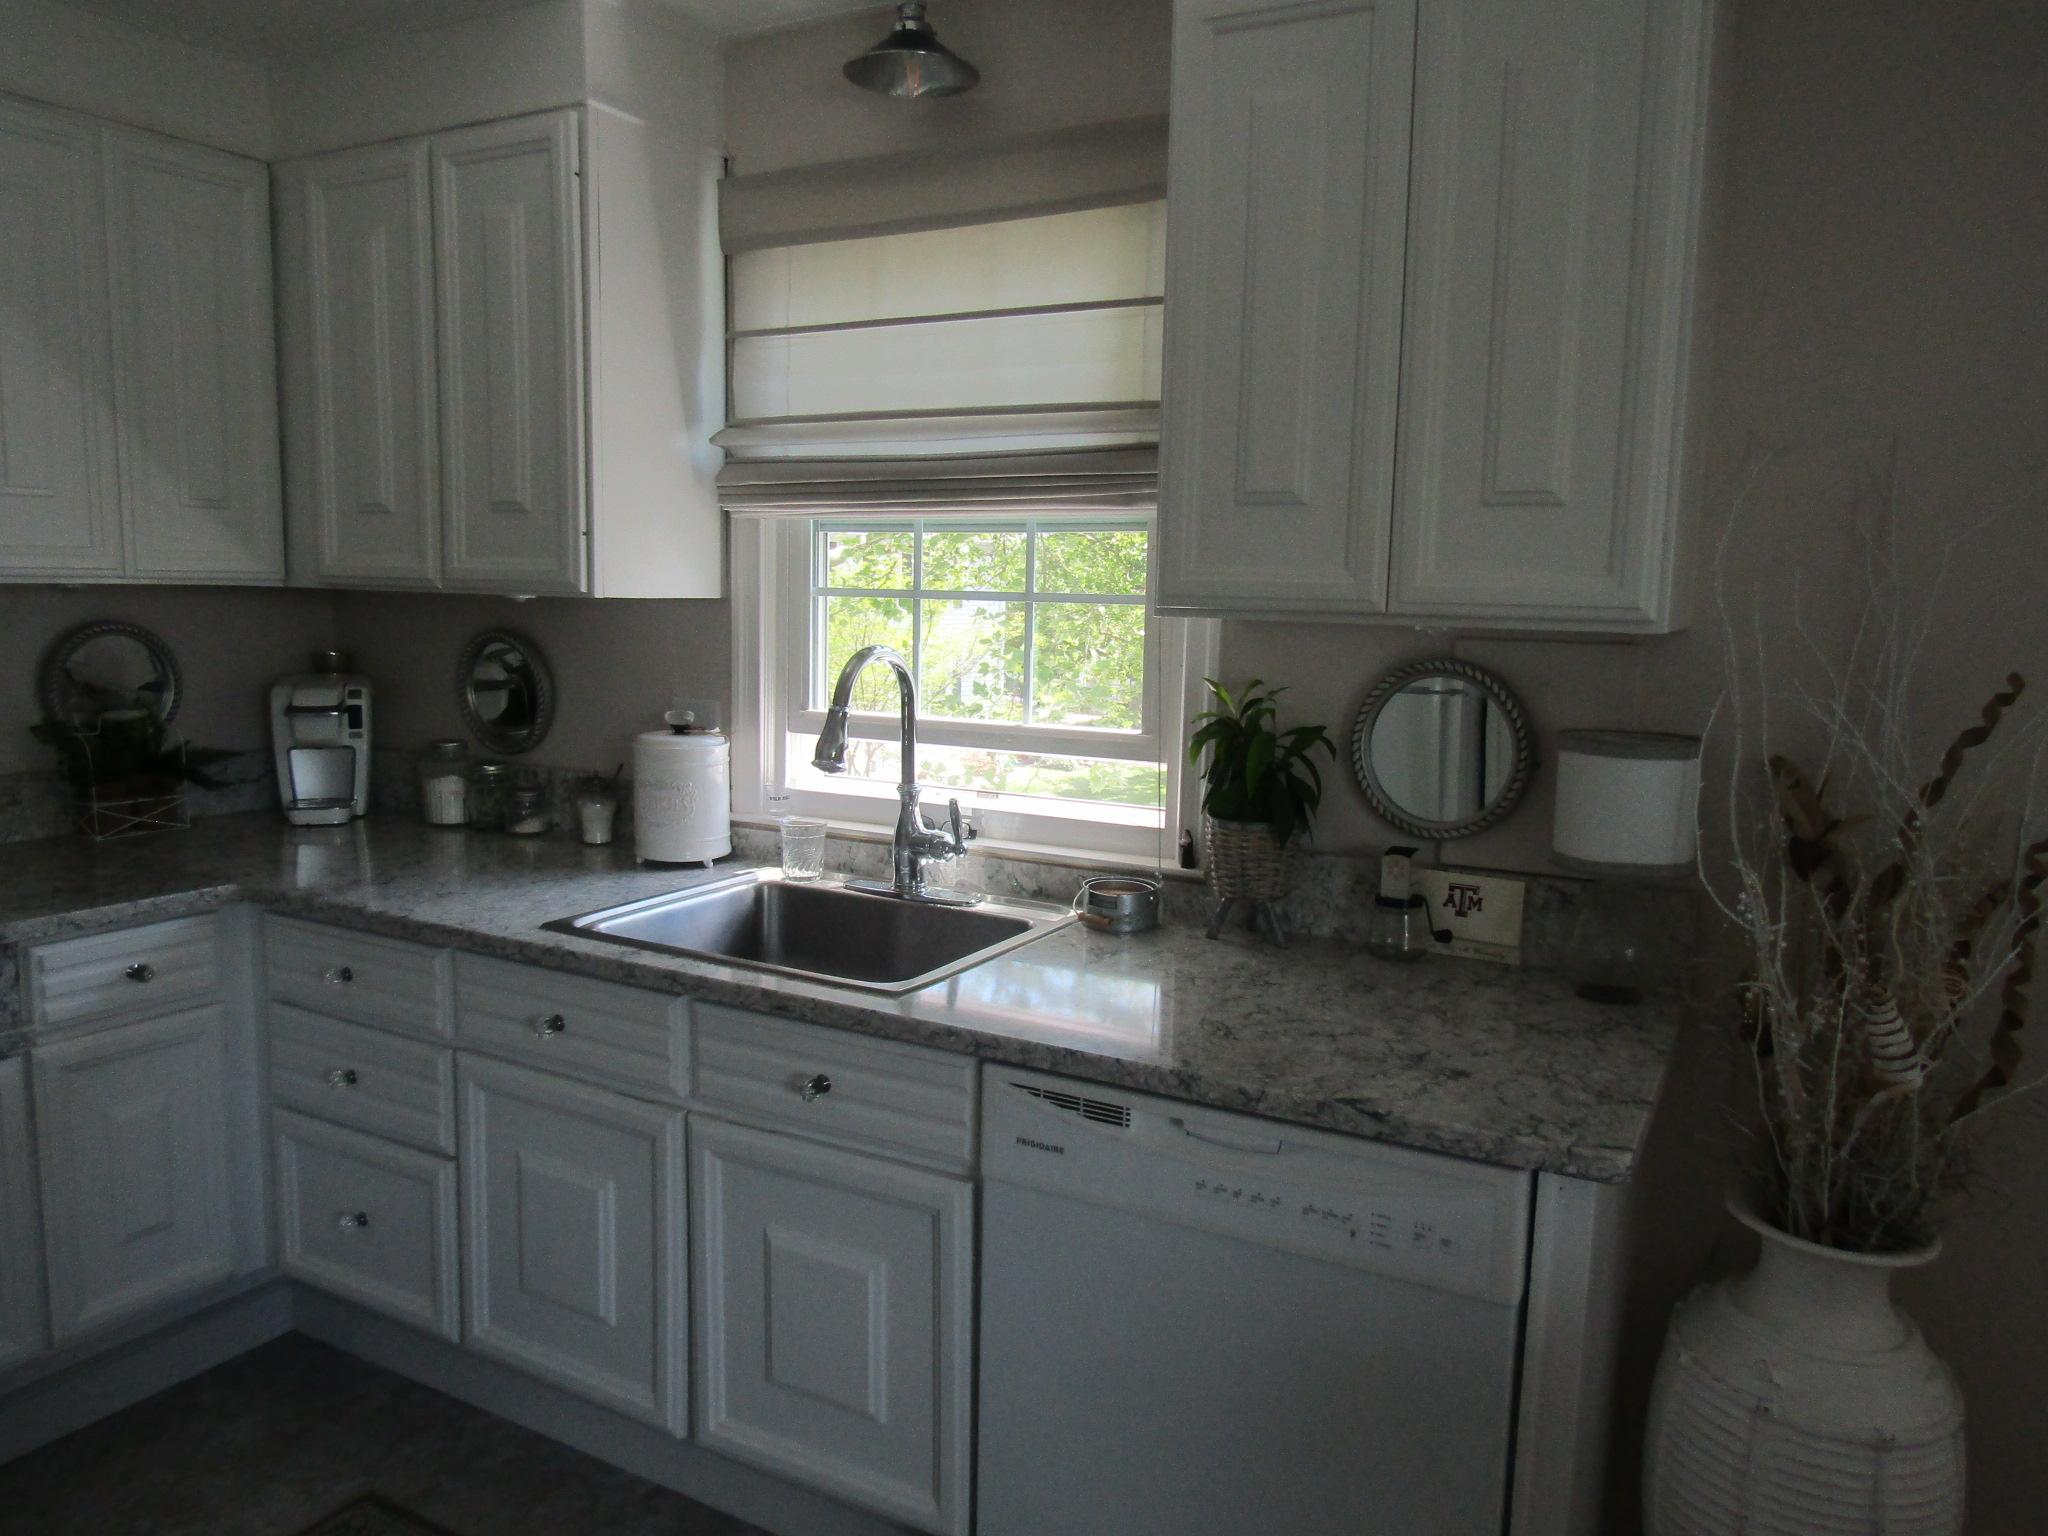 76-N kitchen 1